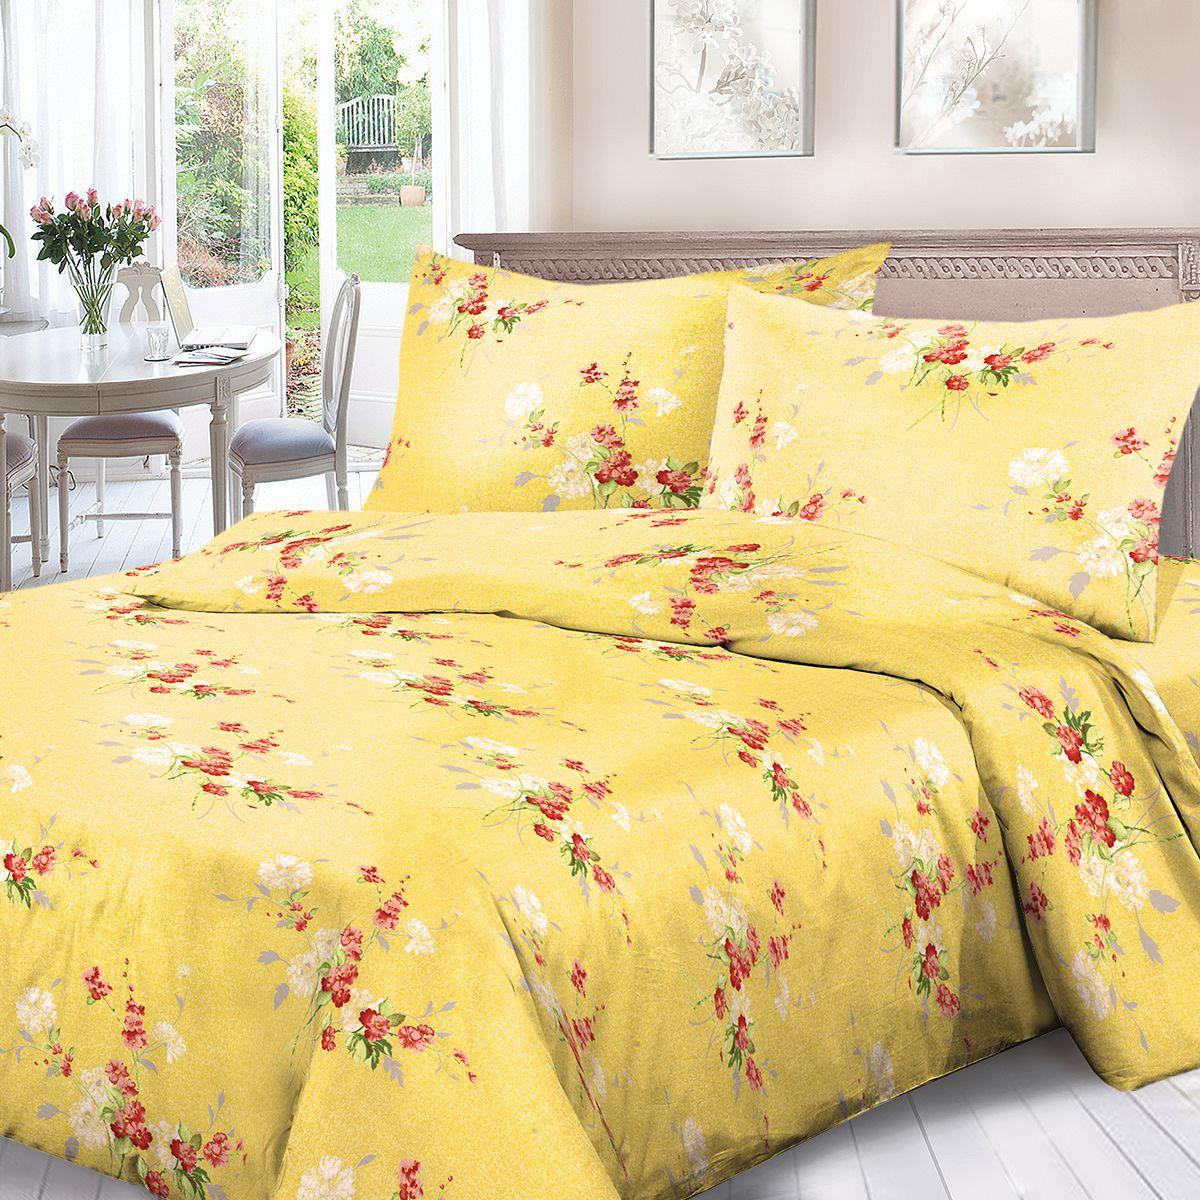 Комплект белья Для Снов Амброзия, 2-х спальное, наволочки 70x70, цвет: желтый. 1536-187328